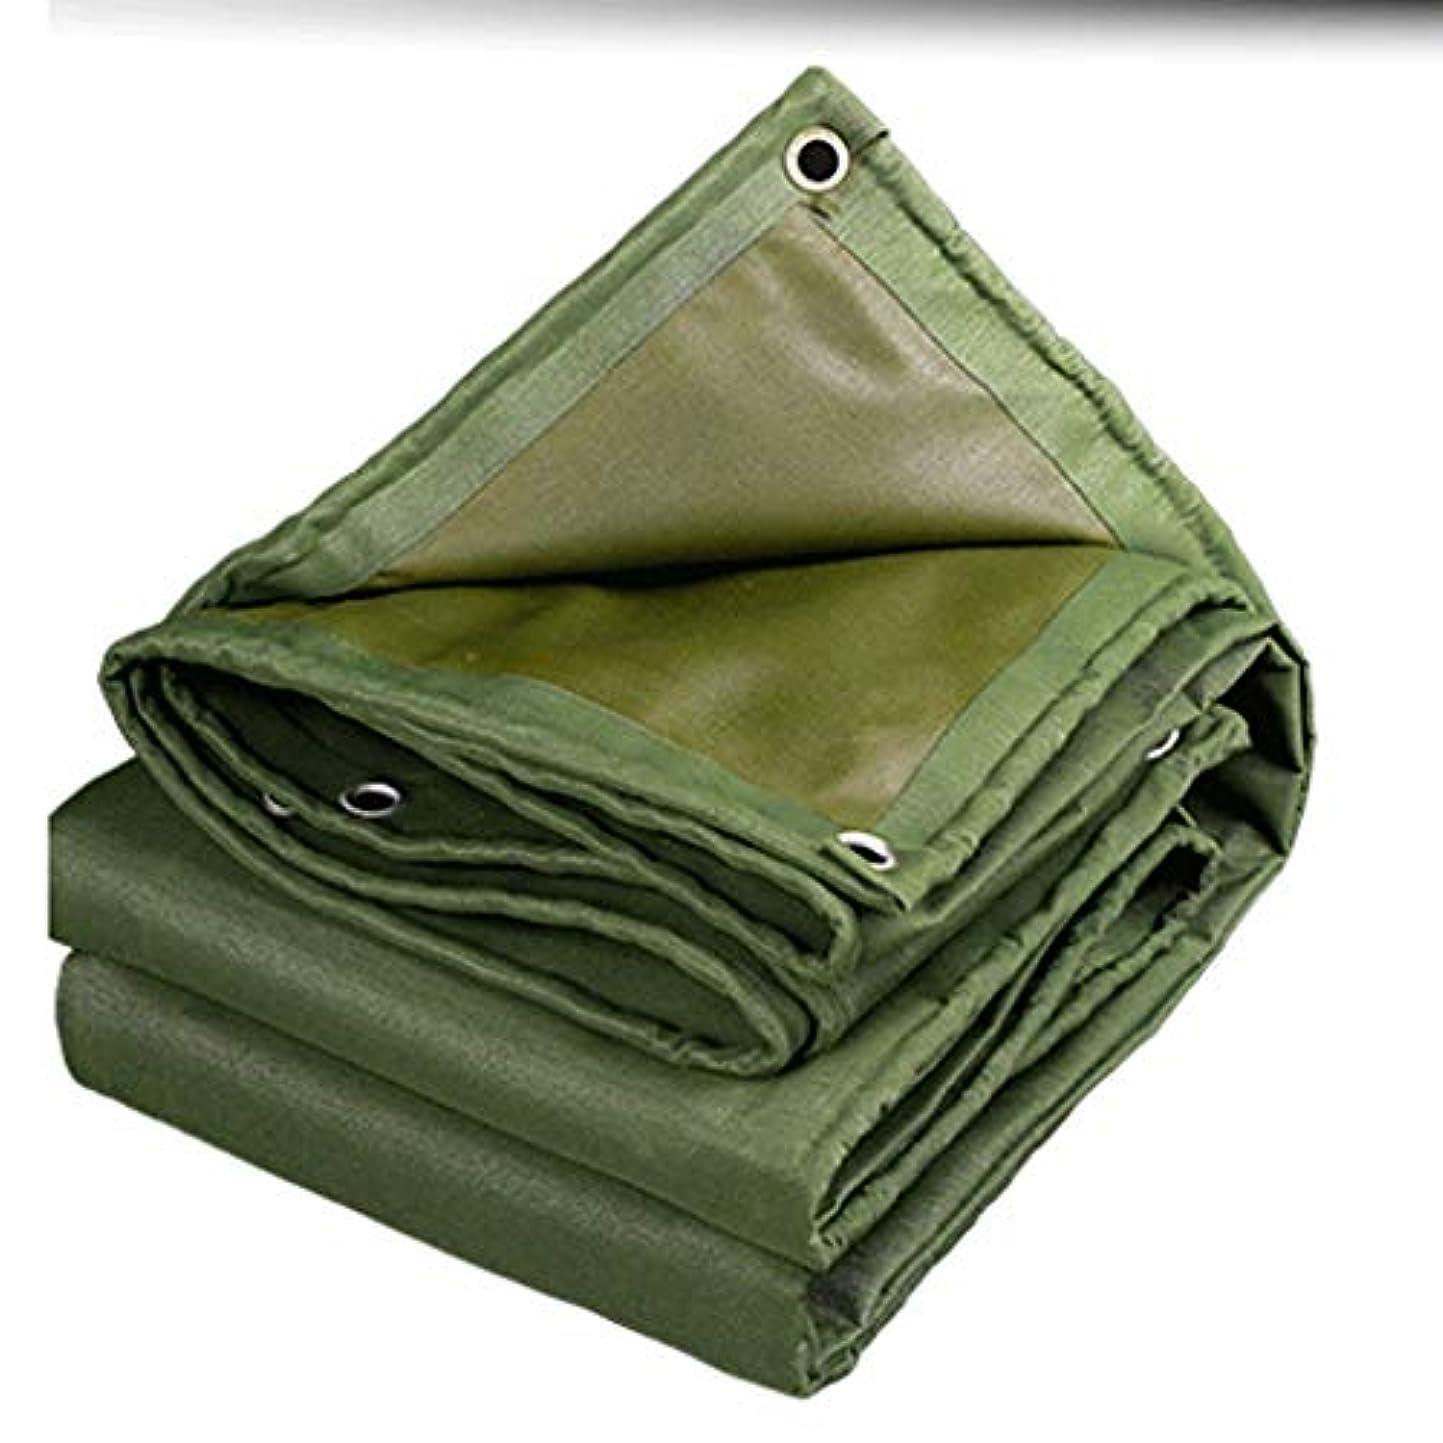 蓮失う助けになるトラックカバーキャンバスカバーカスタム防水布日焼け止め防水シートシェード雨オイルオックスフォードキャノピー布断熱材 (Color : Green, Size : 3x3m)